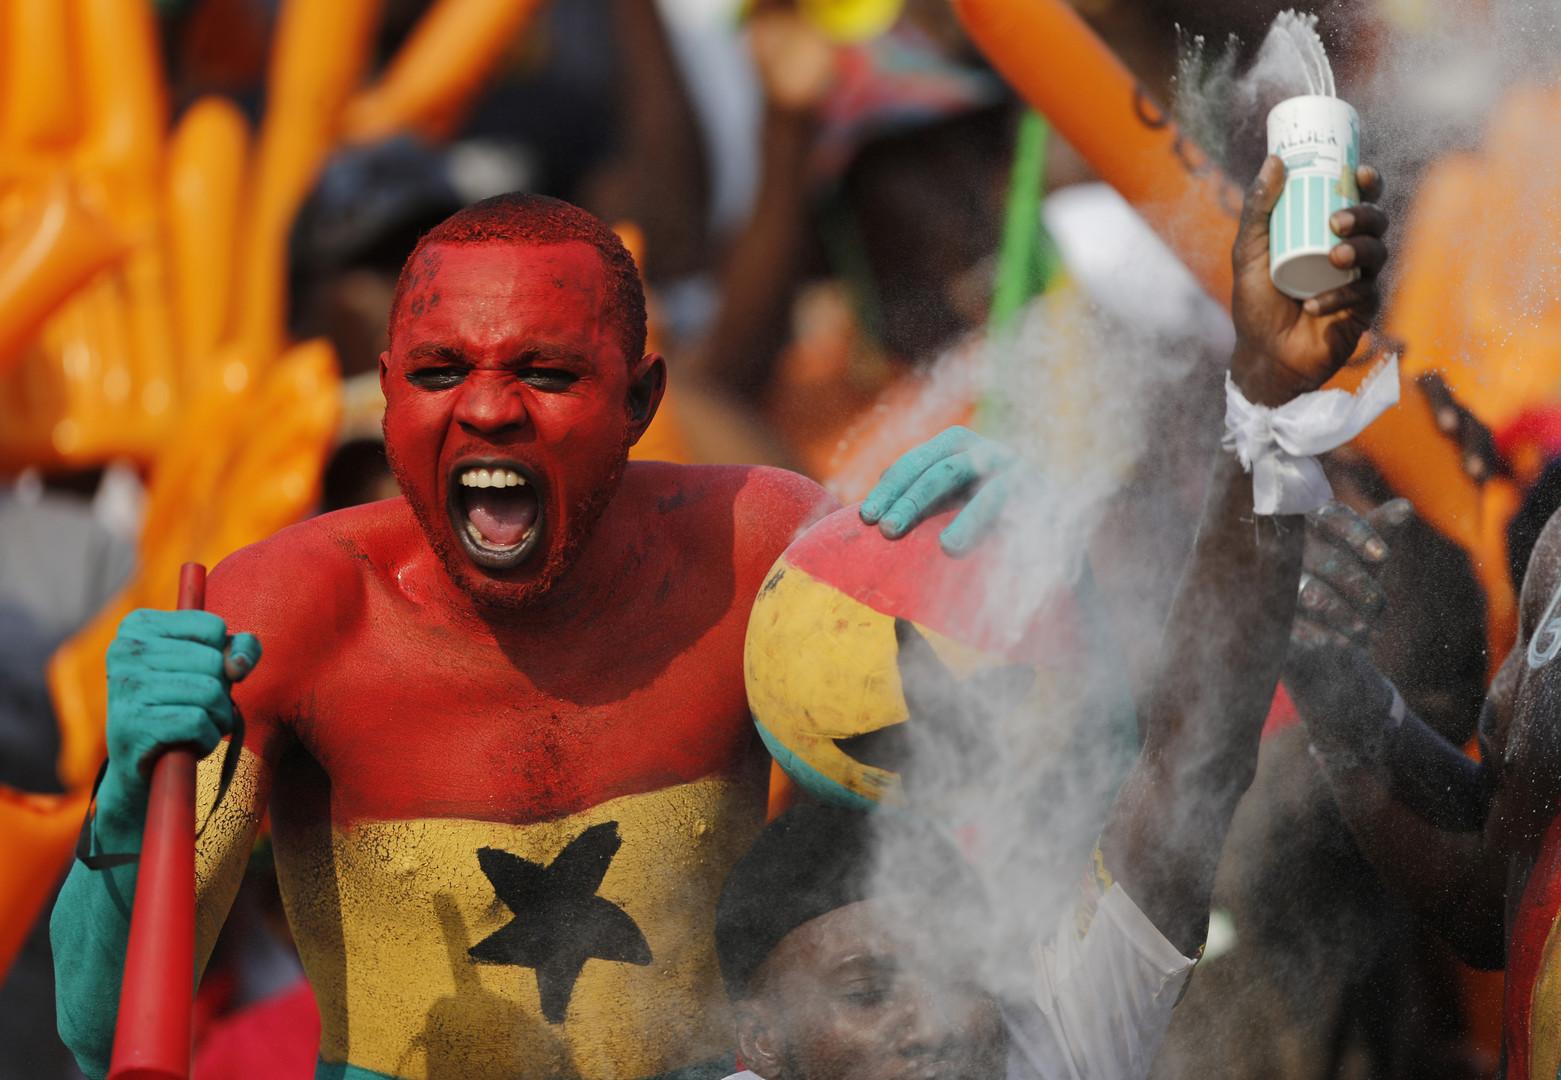 النجوم السوداء تجرد محاربي الصحراء من أسلحتهم في كأس إفريقيا